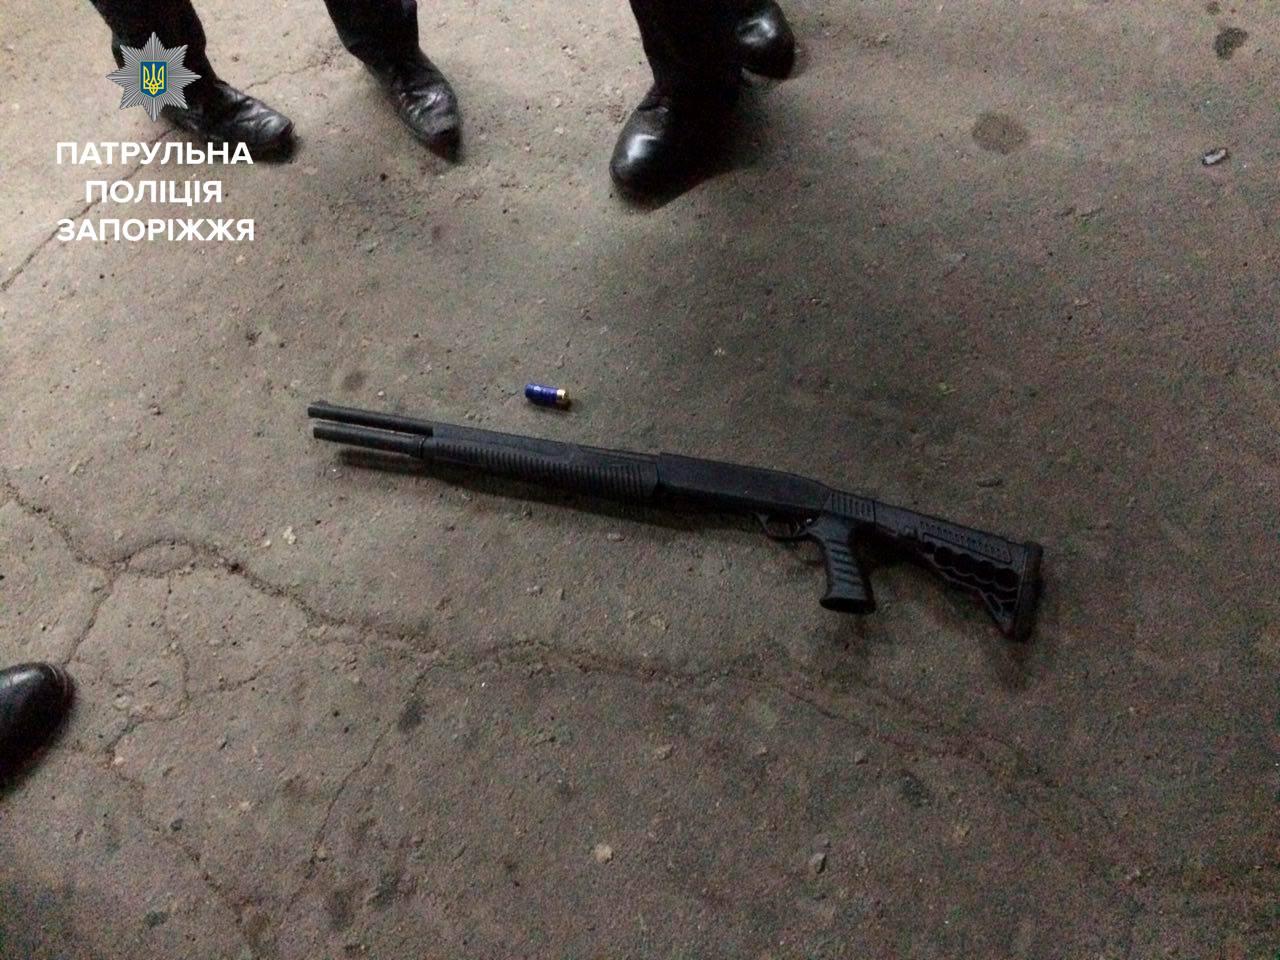 Подробности вчерашней стрельбы в Запорожье - ФОТО, ВИДЕО